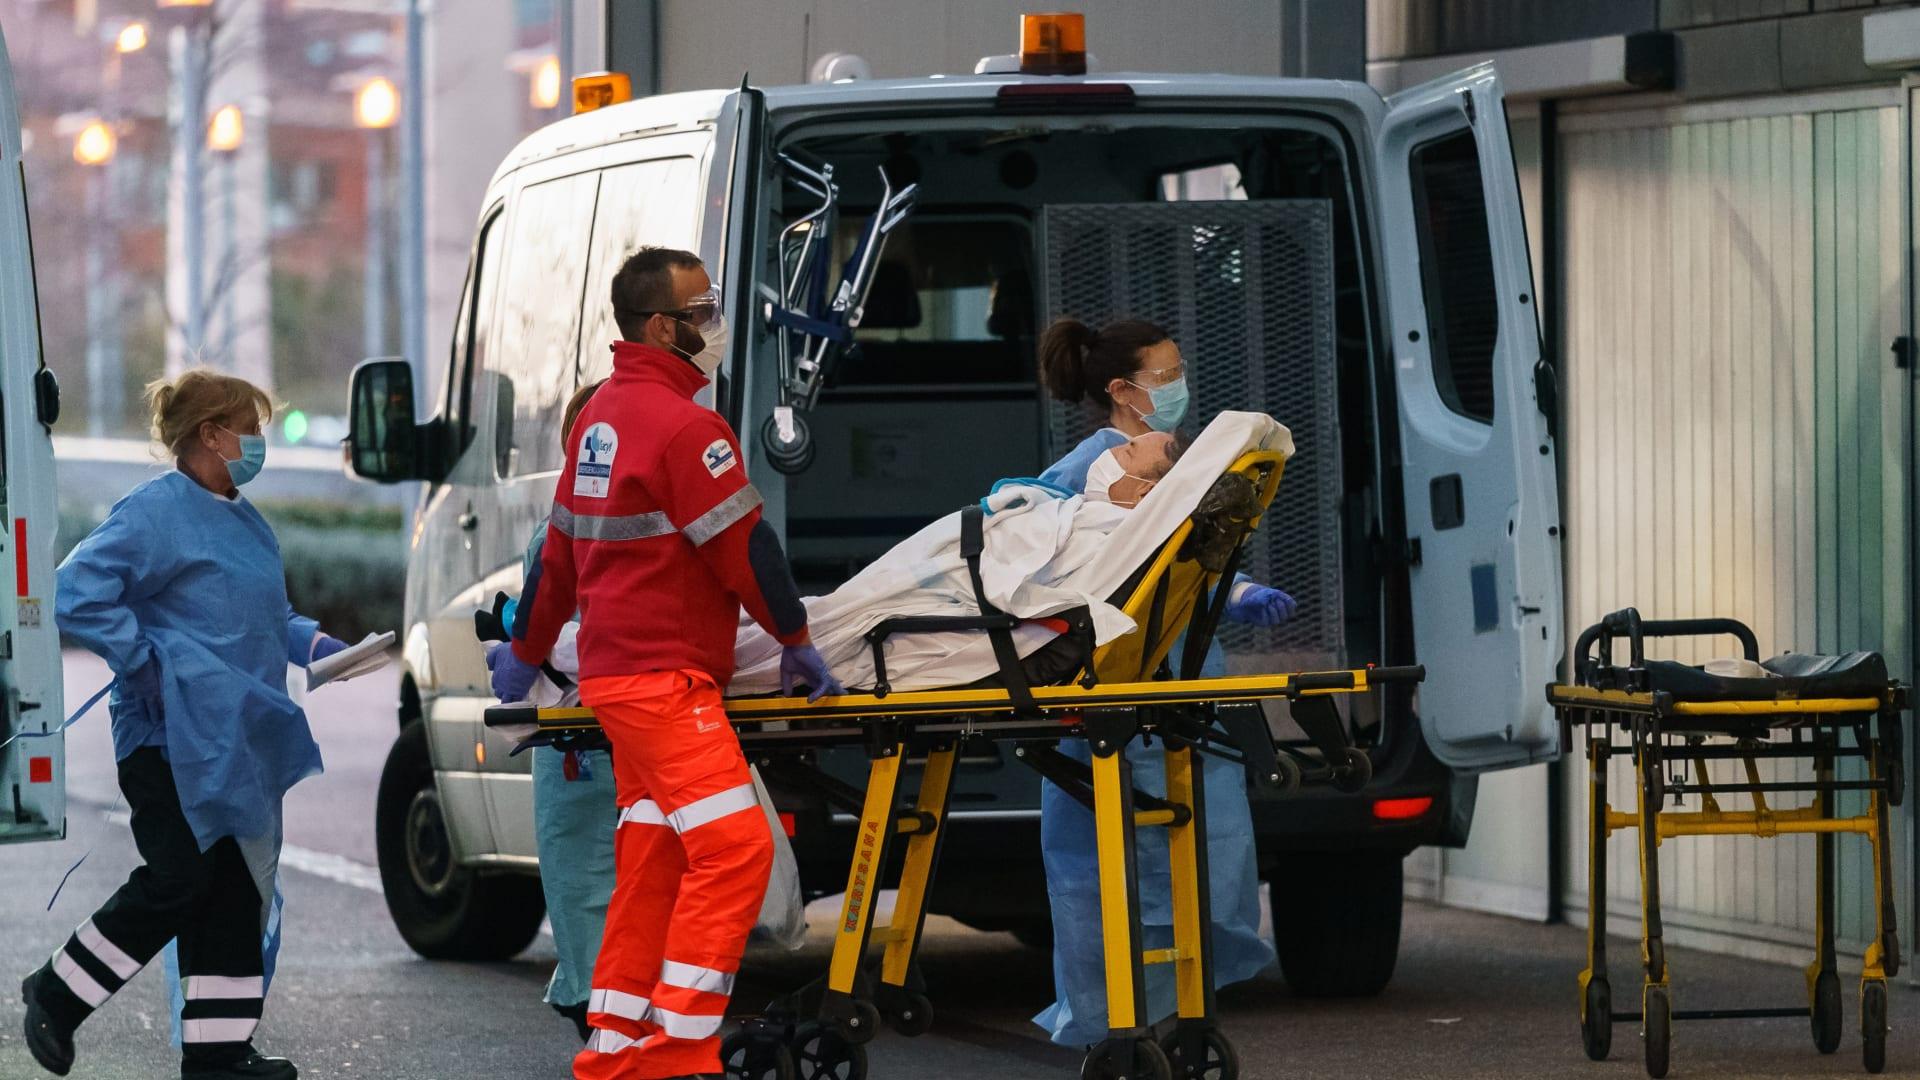 المرضى على الأرض في مستشفى بإسبانيا.. والكادر يستخدم كيس القمامة كثوب طبي